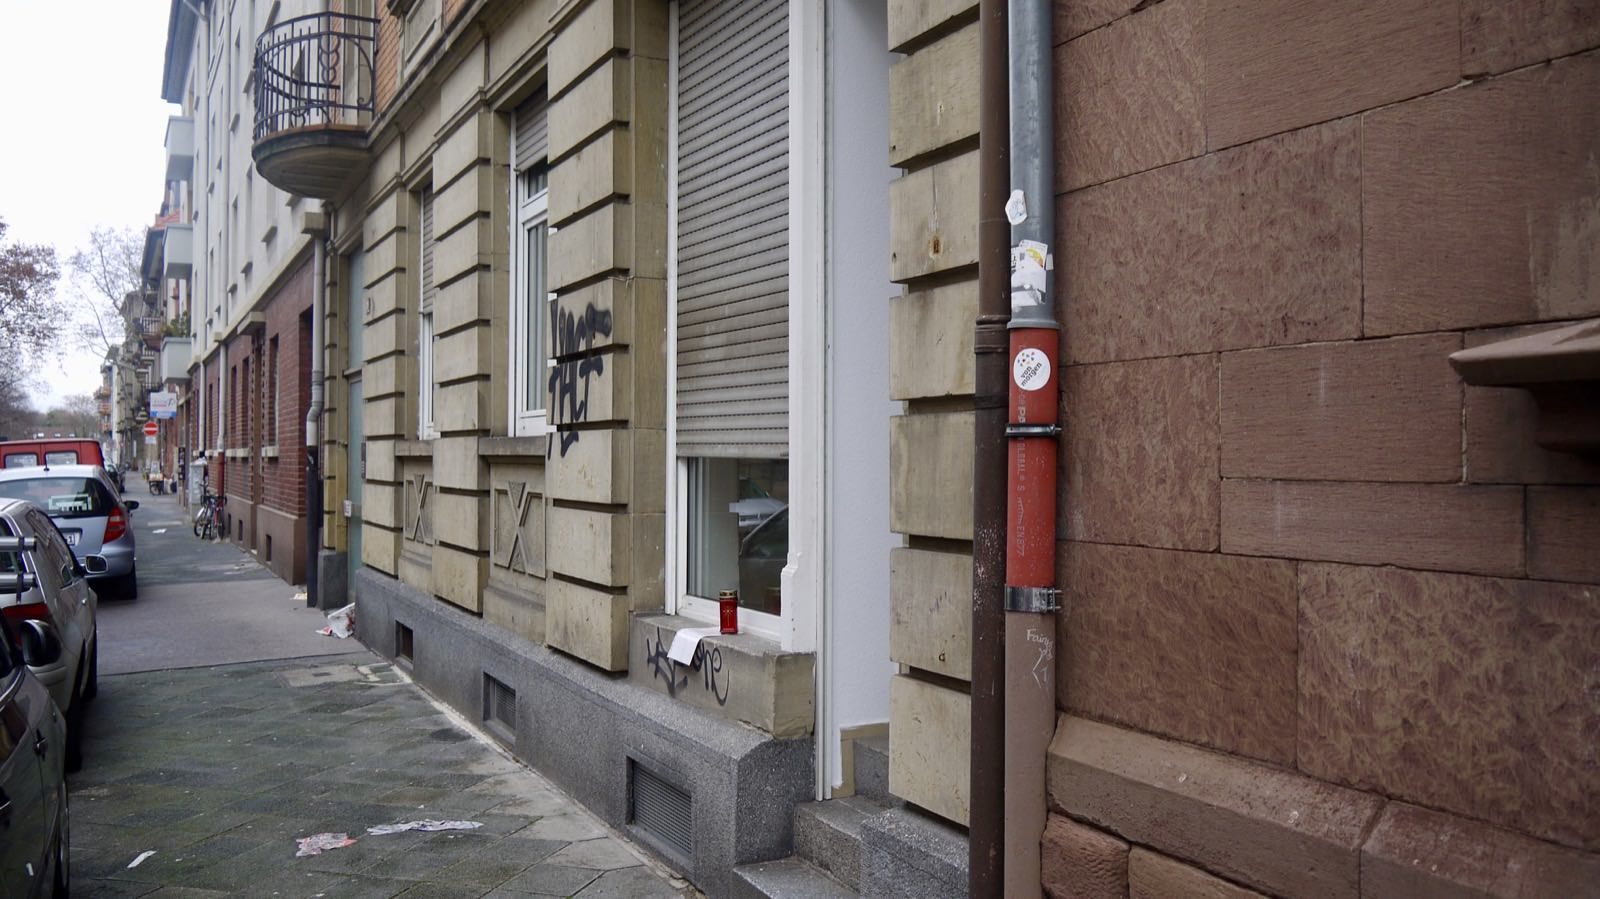 Noch wirkt der Laden in der Kobellstraße recht unscheinbar. Bis zur Eröffnung ist noch Zeit | Foto: M. Schülke